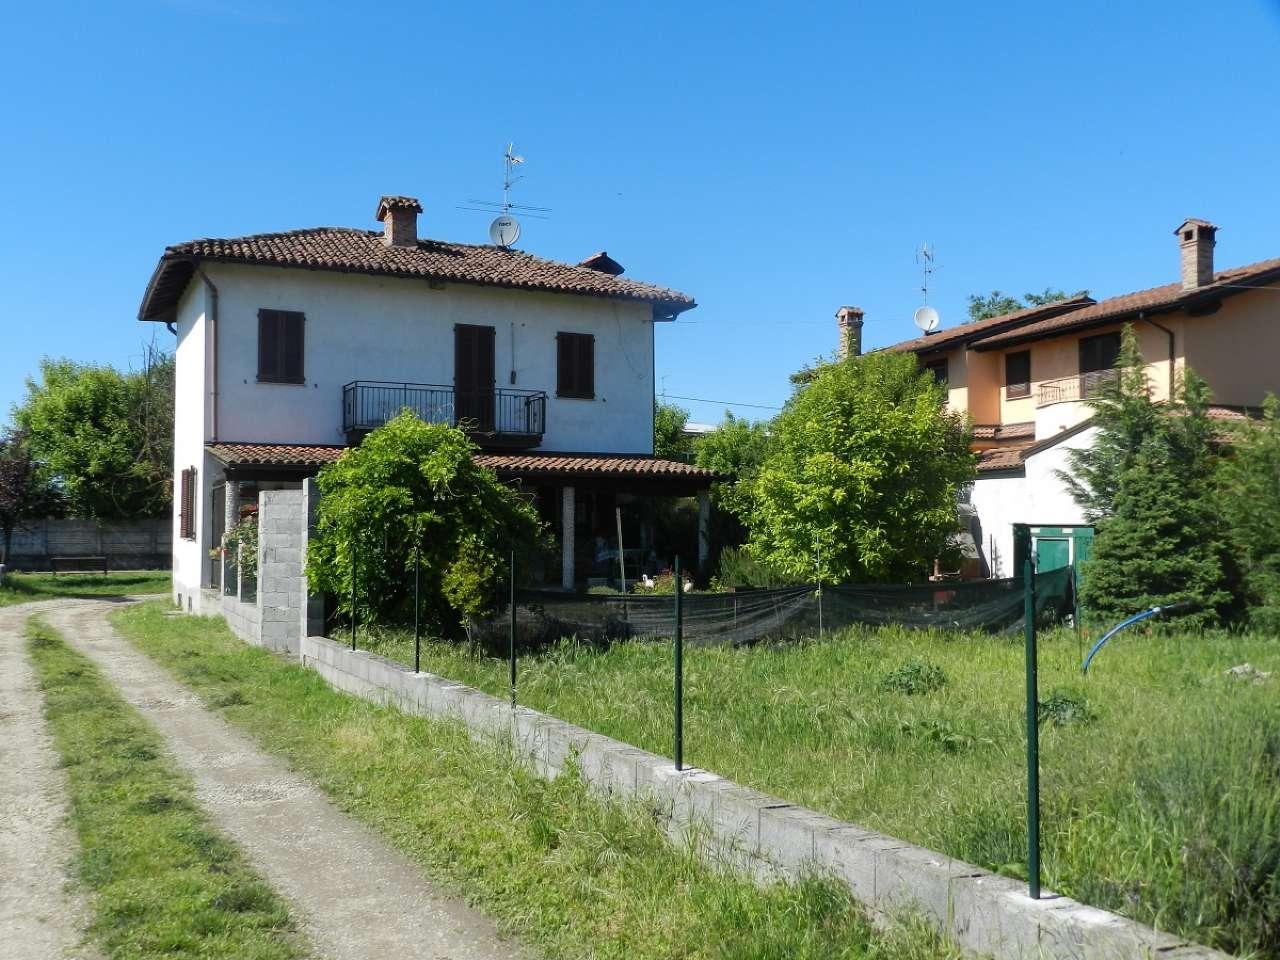 Soluzione Indipendente in vendita a Zinasco, 4 locali, prezzo € 185.000 | CambioCasa.it